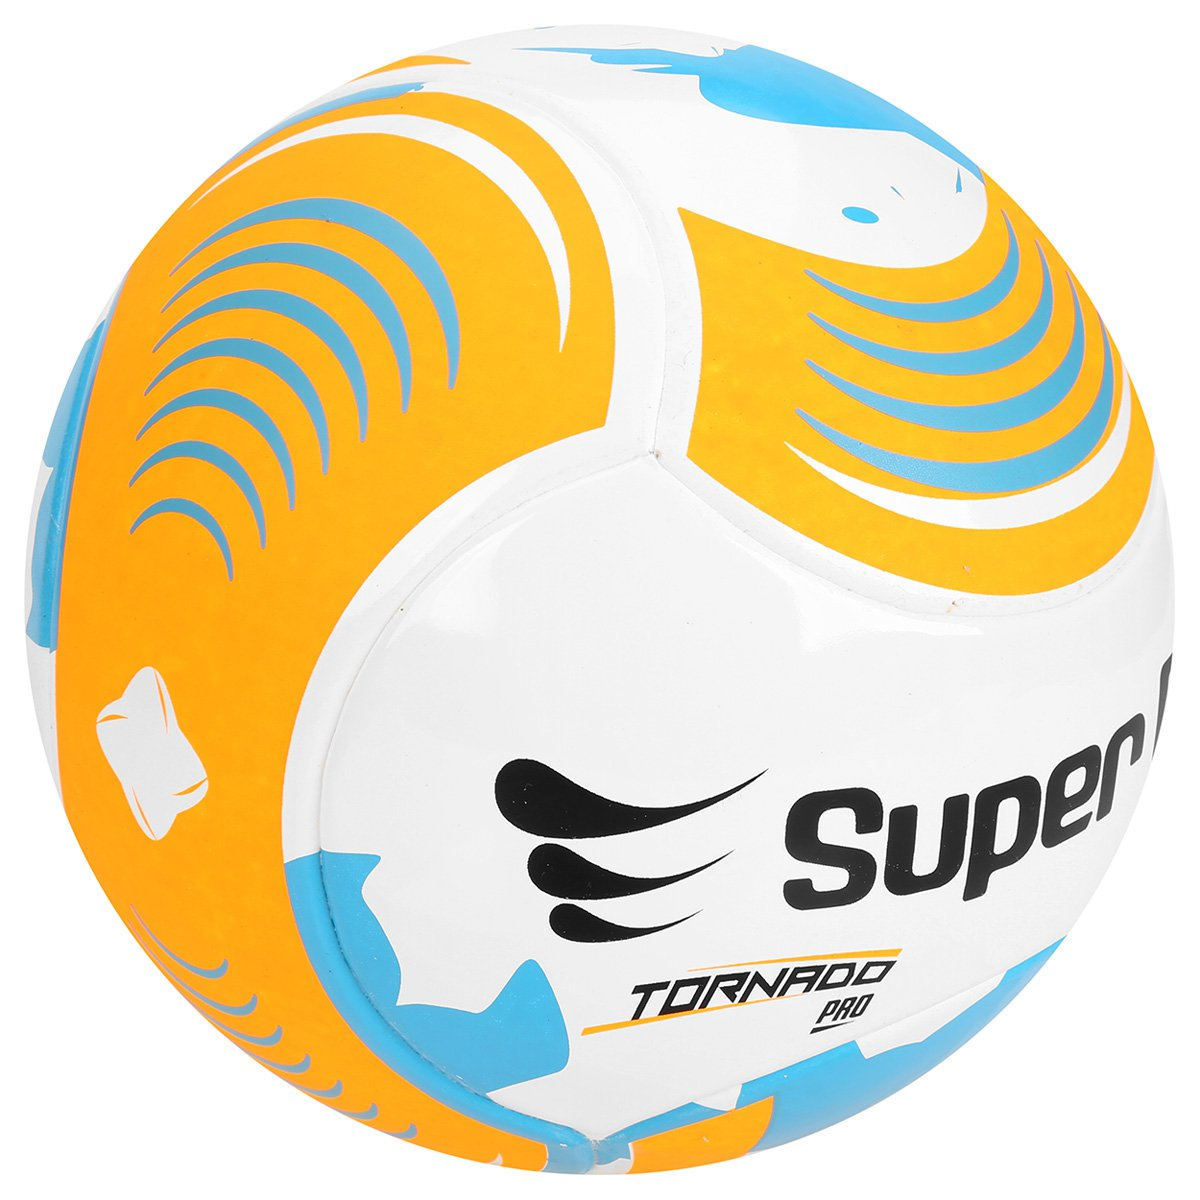 Bola Futebol Super Bolla Tornado PRO 6 Gomos Futsal - Compre Agora ... 7432c8ac07749